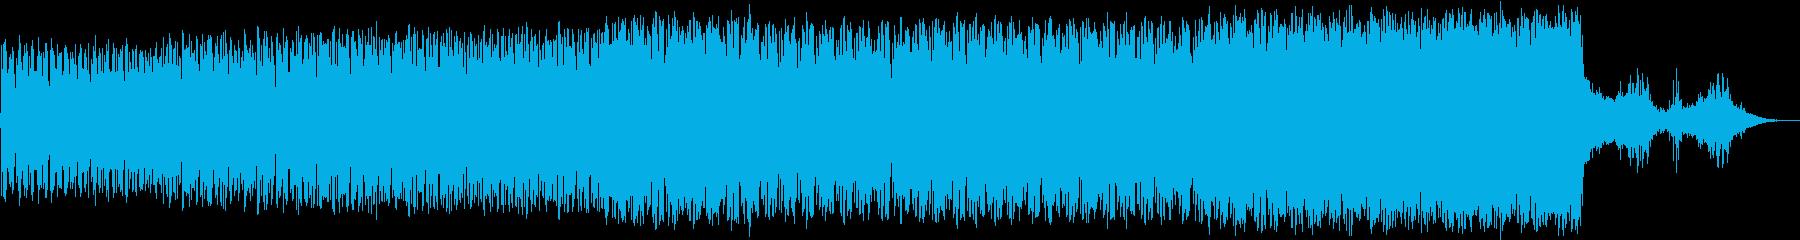 緊迫感のあるダークアンビエントの再生済みの波形